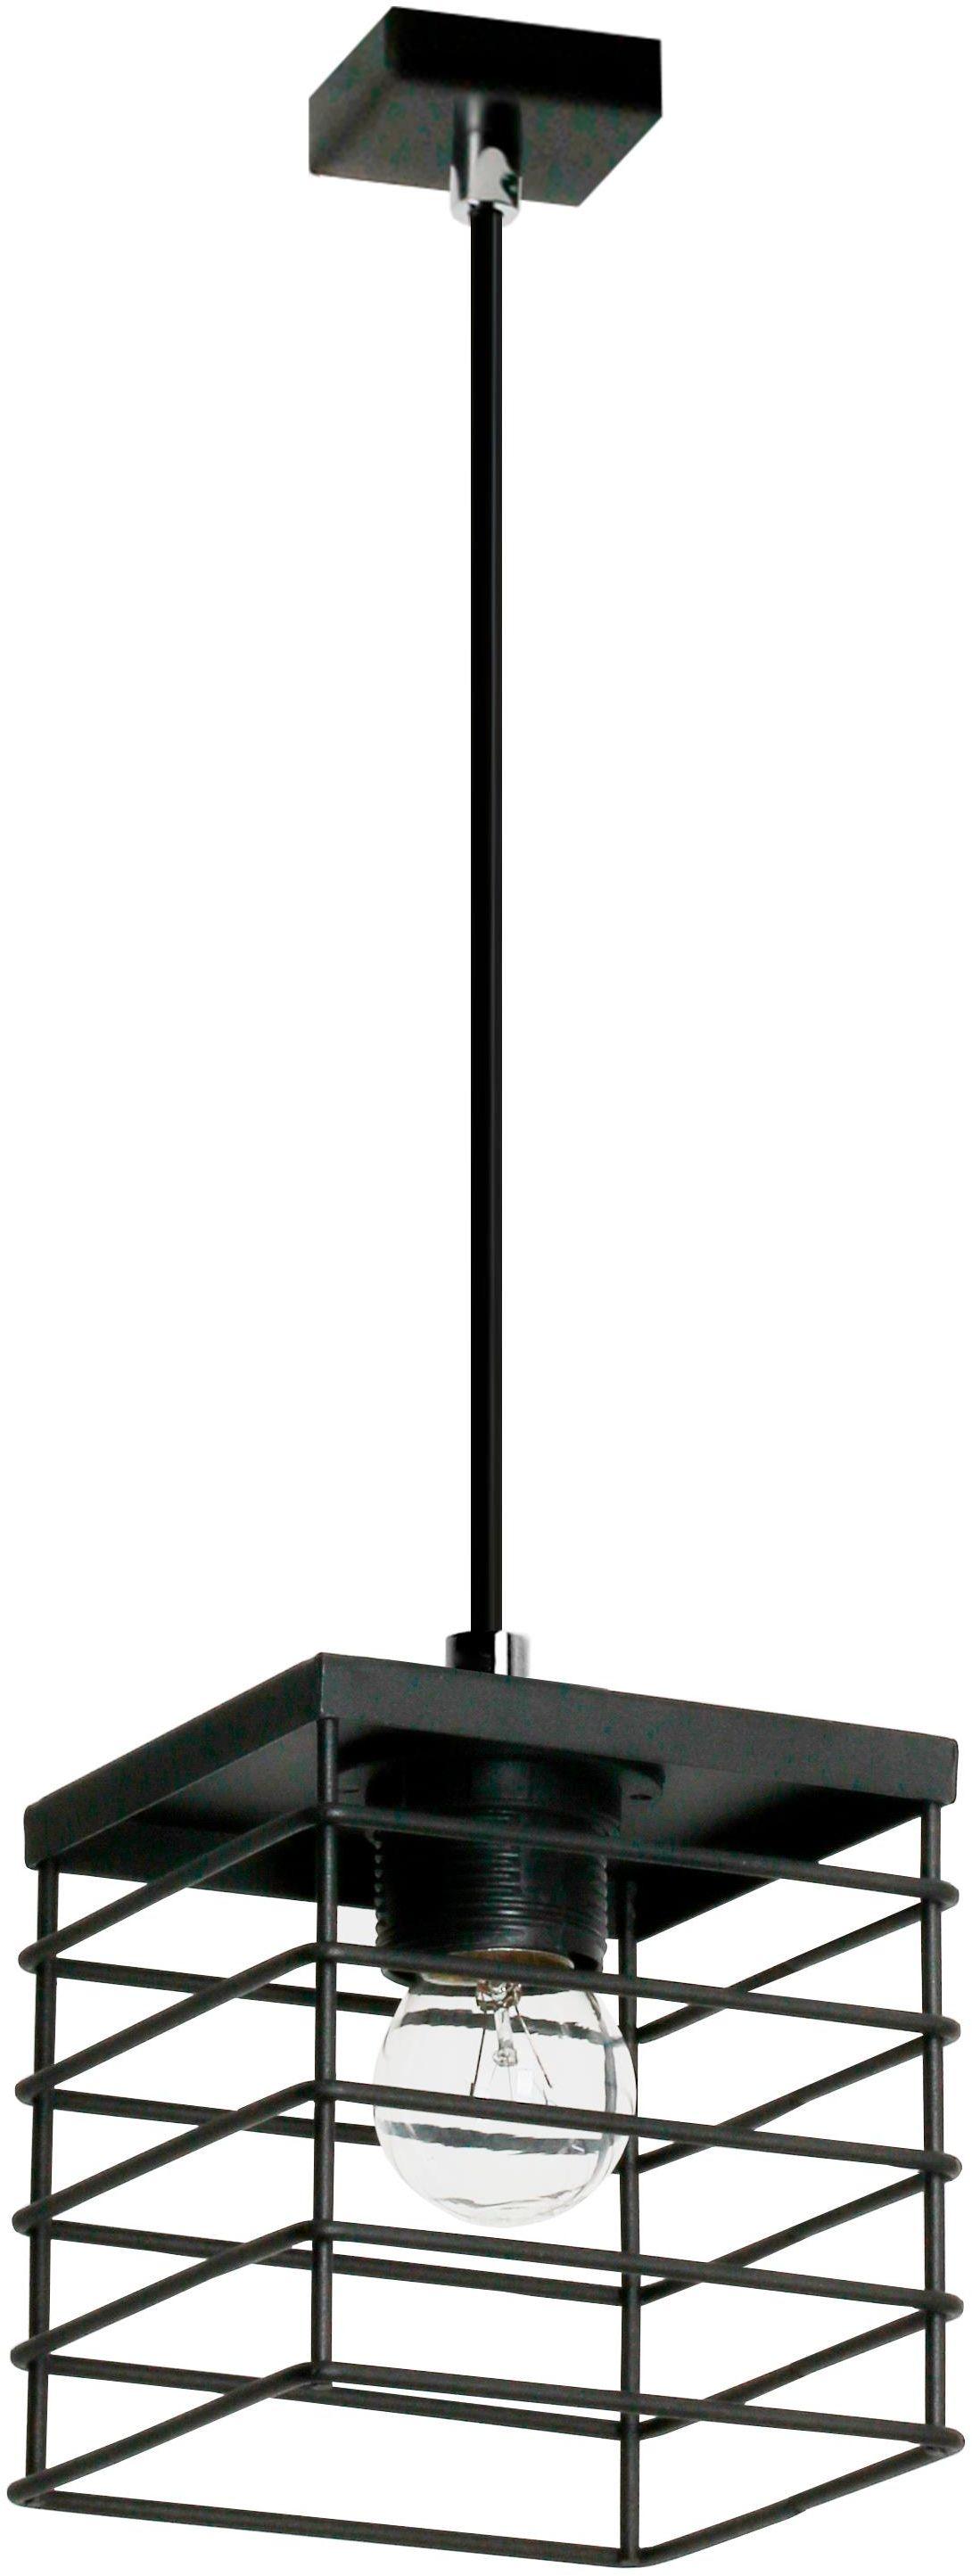 Lampex Verox 1 894/1 lampa wisząca czarna metalowy klosz E27 1x 60W 12cm